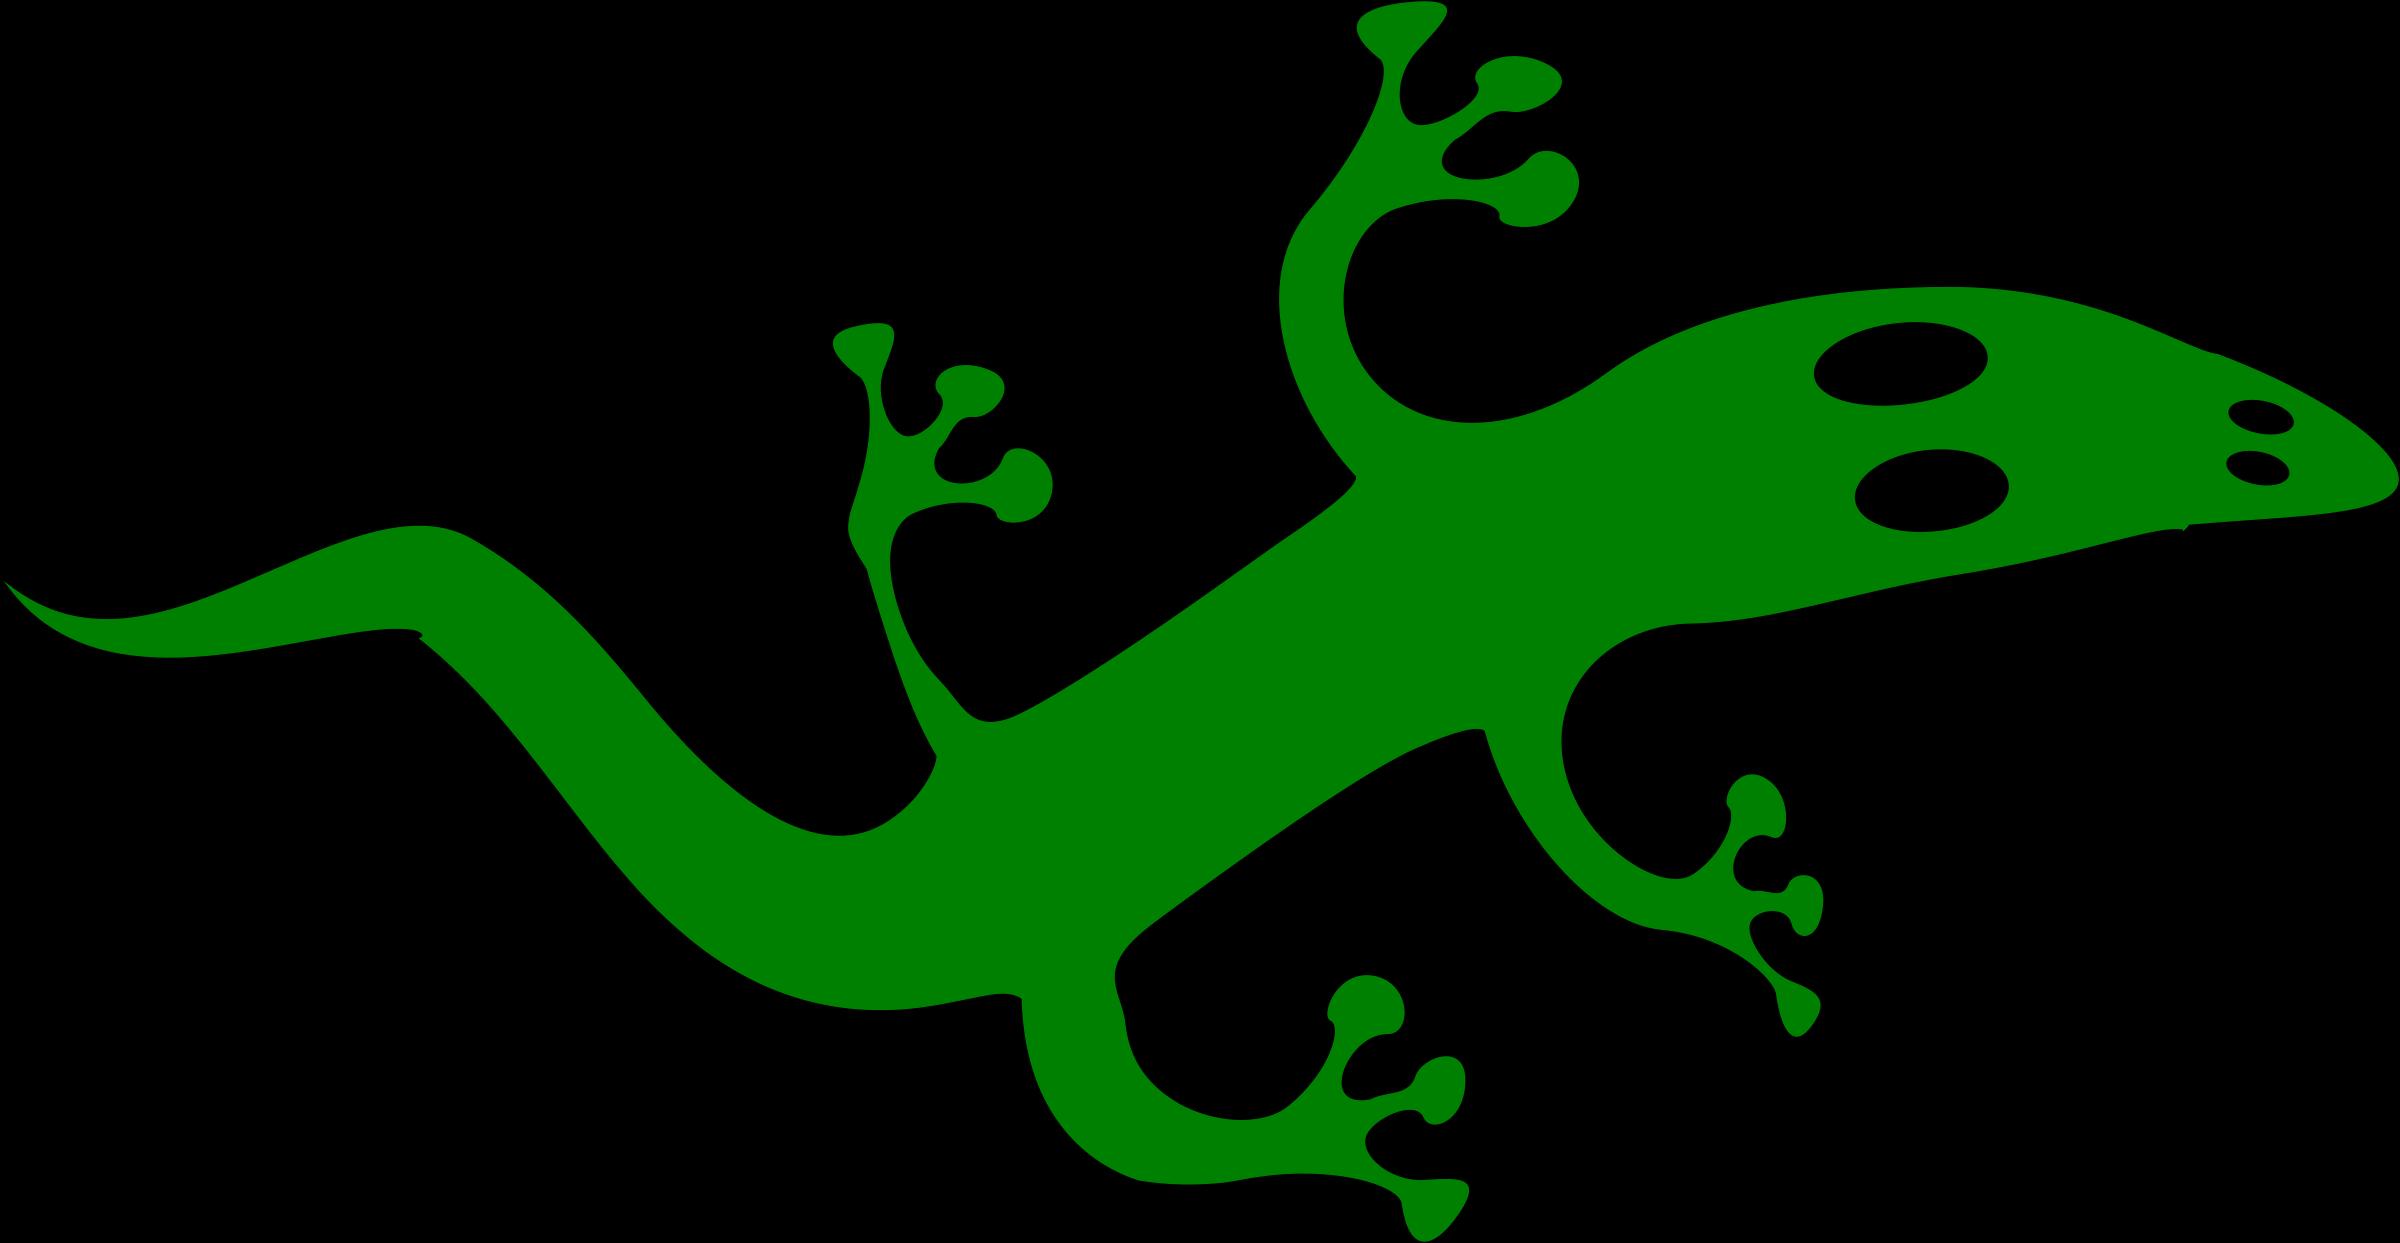 Largatija big image png. Gecko clipart vector